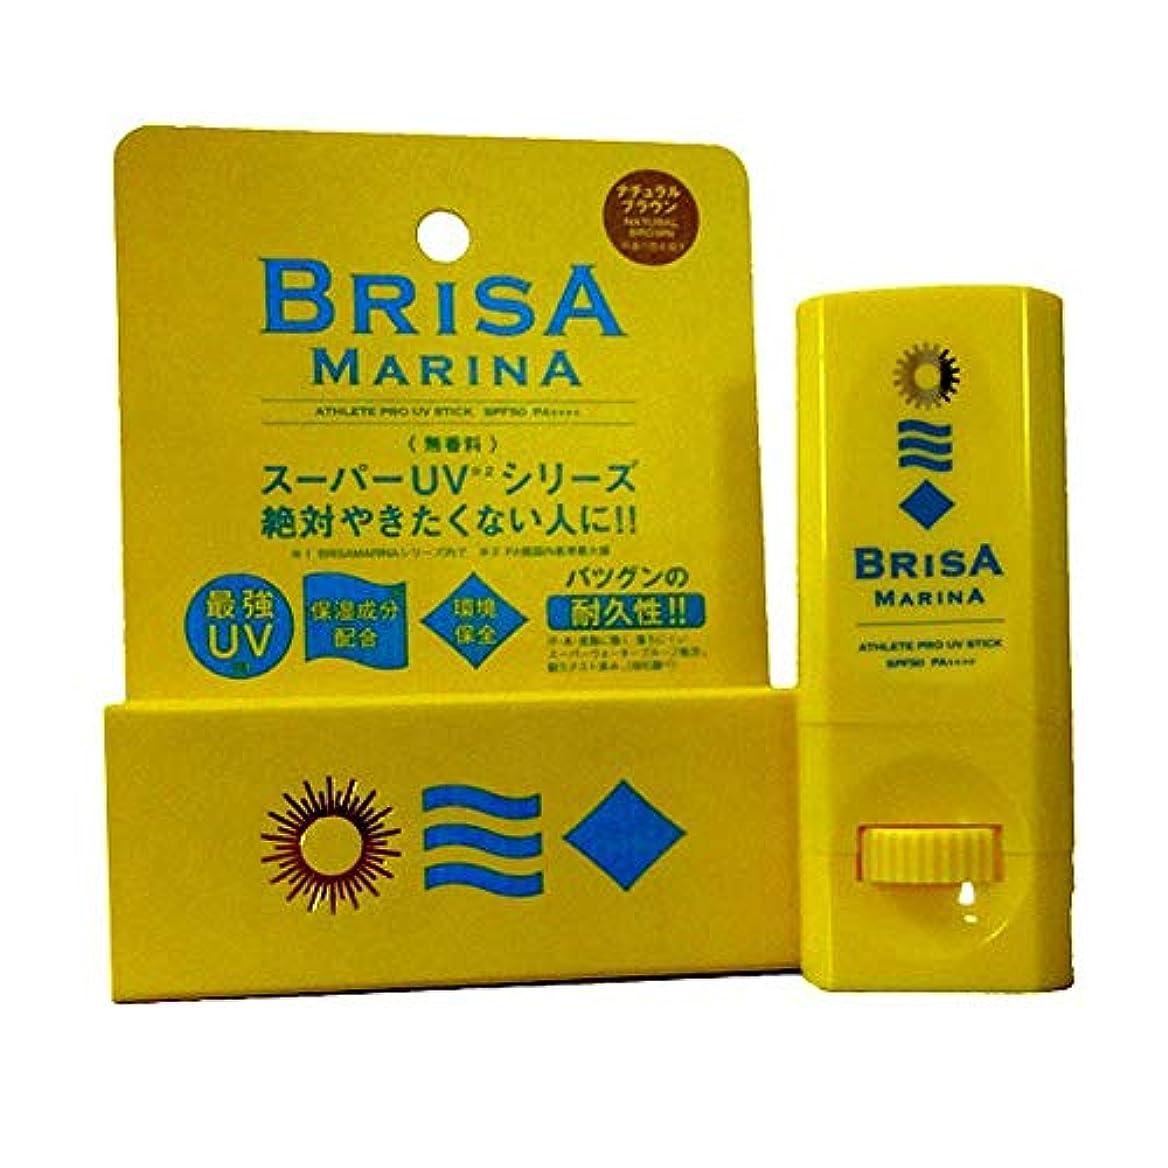 アイデア束ねる宿命BRISA MARINA(ブリサマリーナ) ATHLETE PRO UV STICK 10g 日焼け止め スティック (02-NATURAL BROWN)